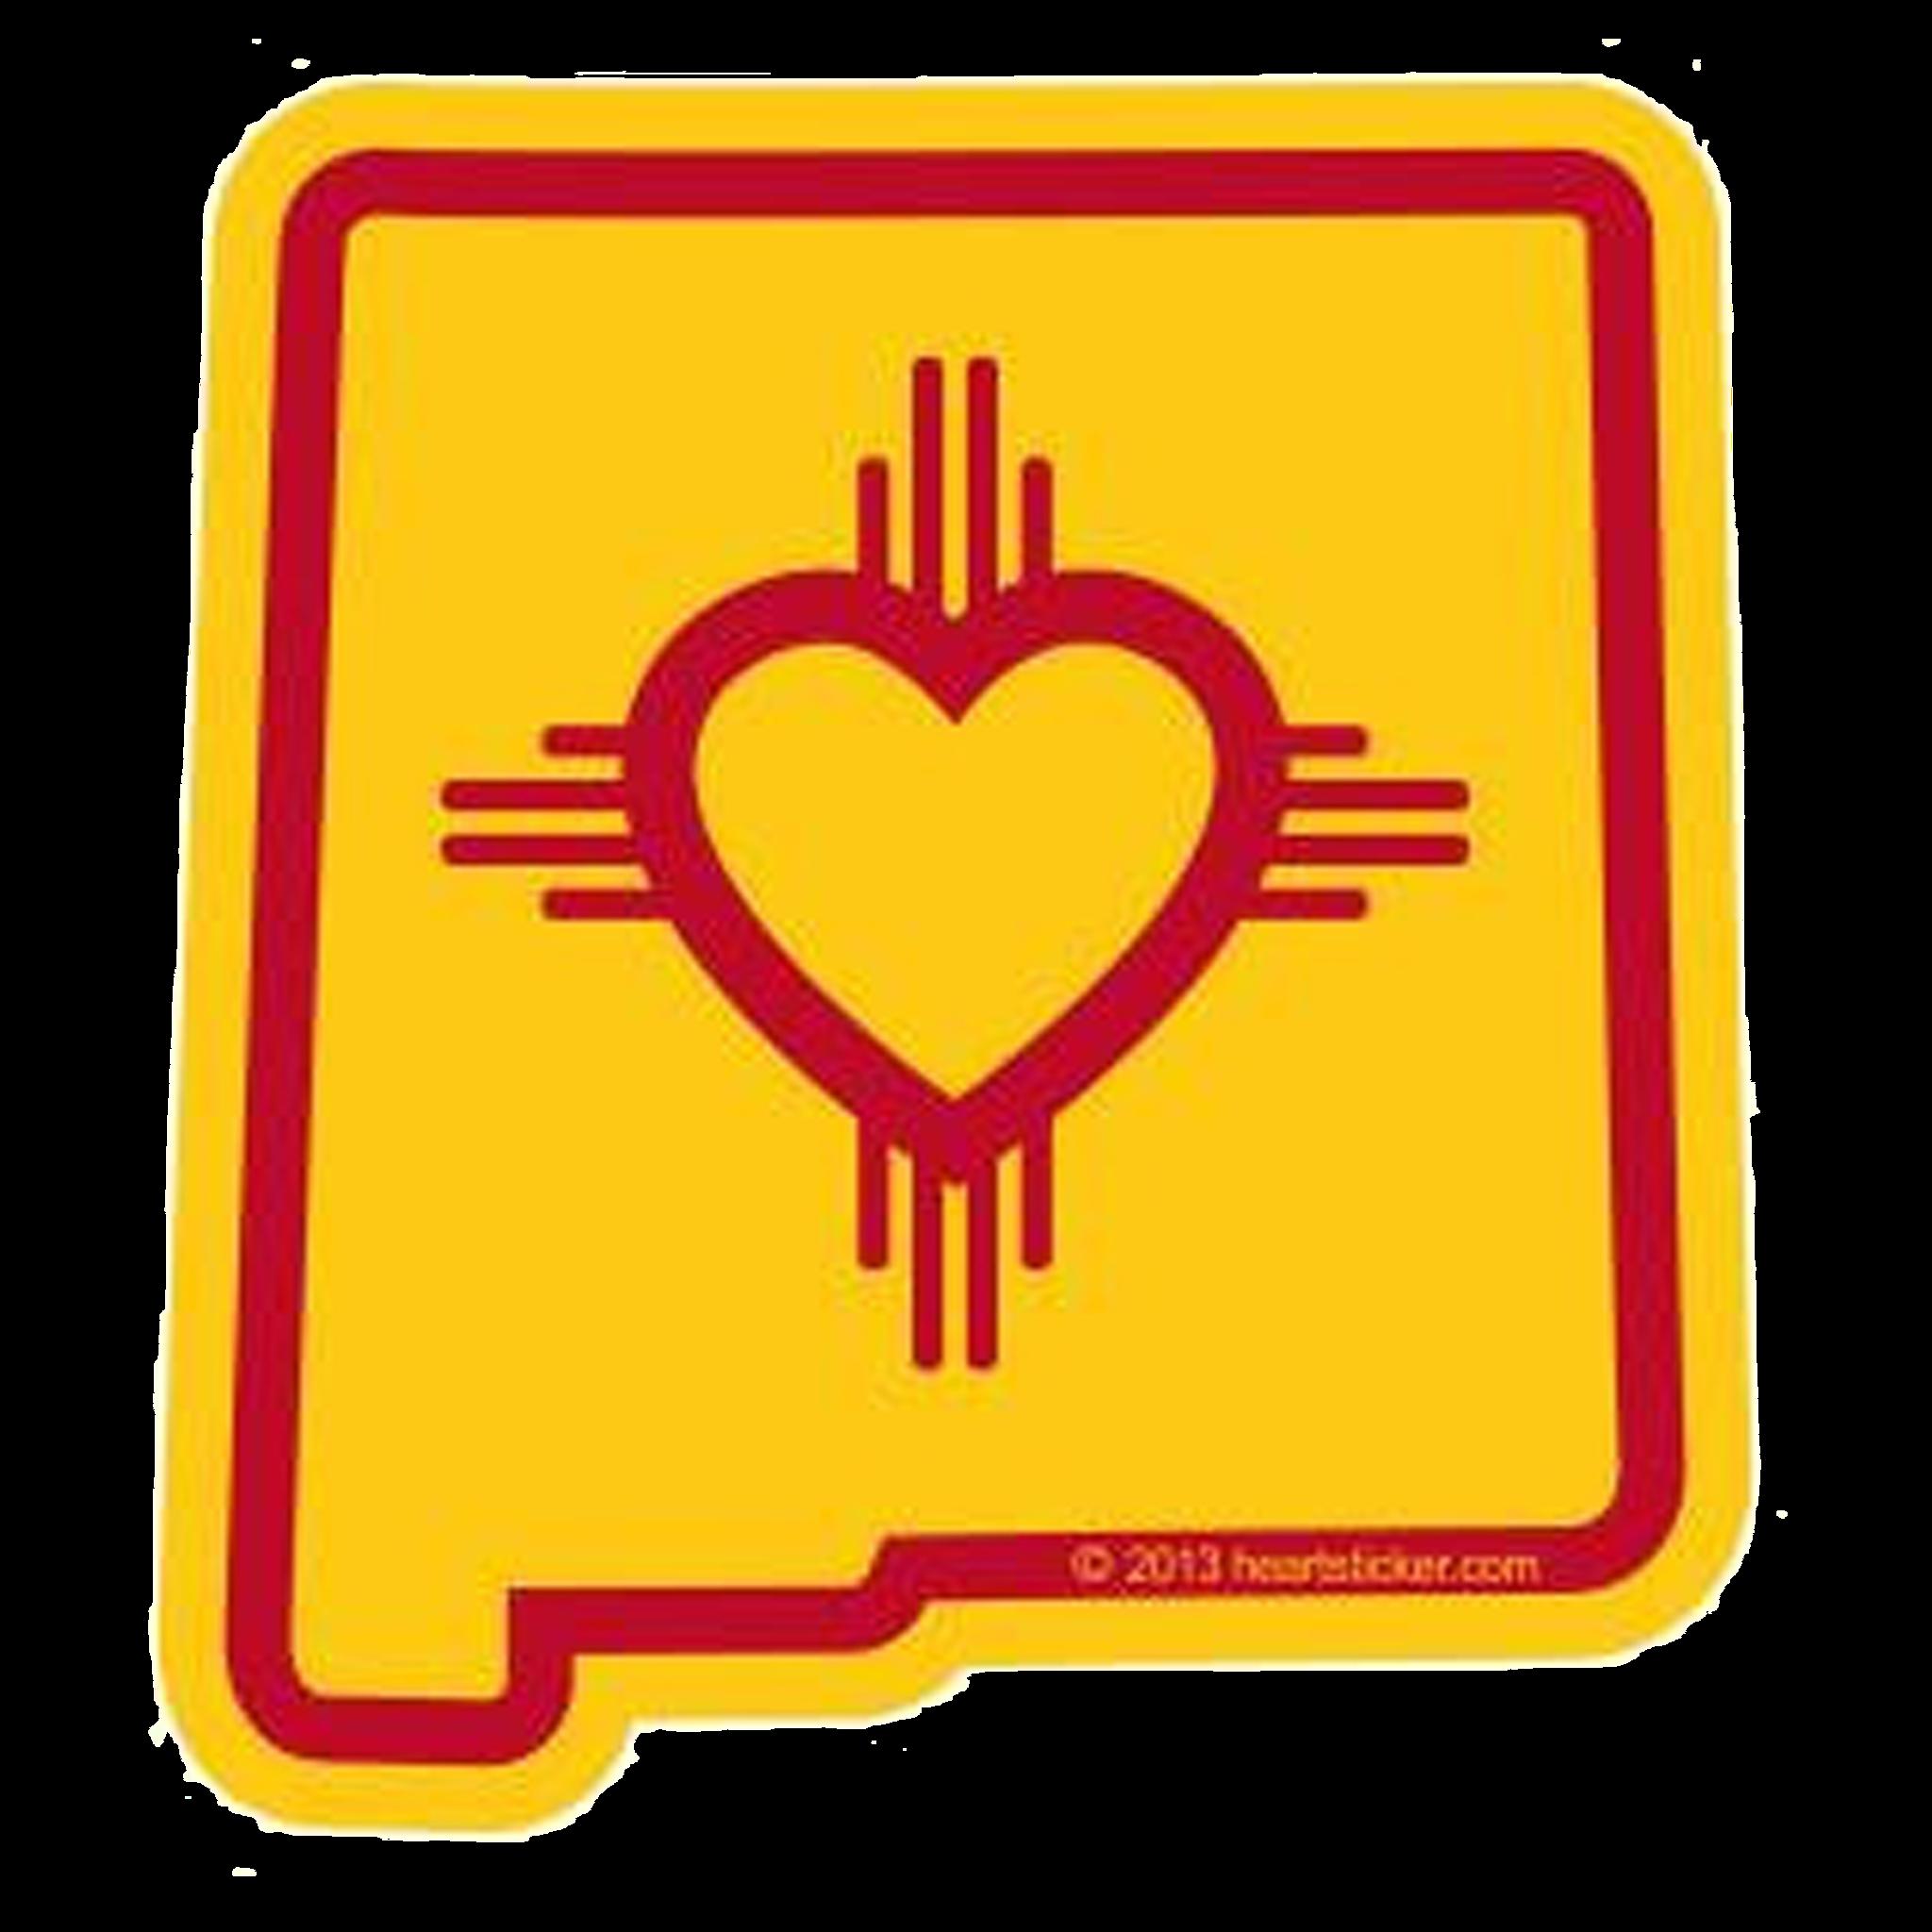 Georgia clipart sticker. Heart in new mexico